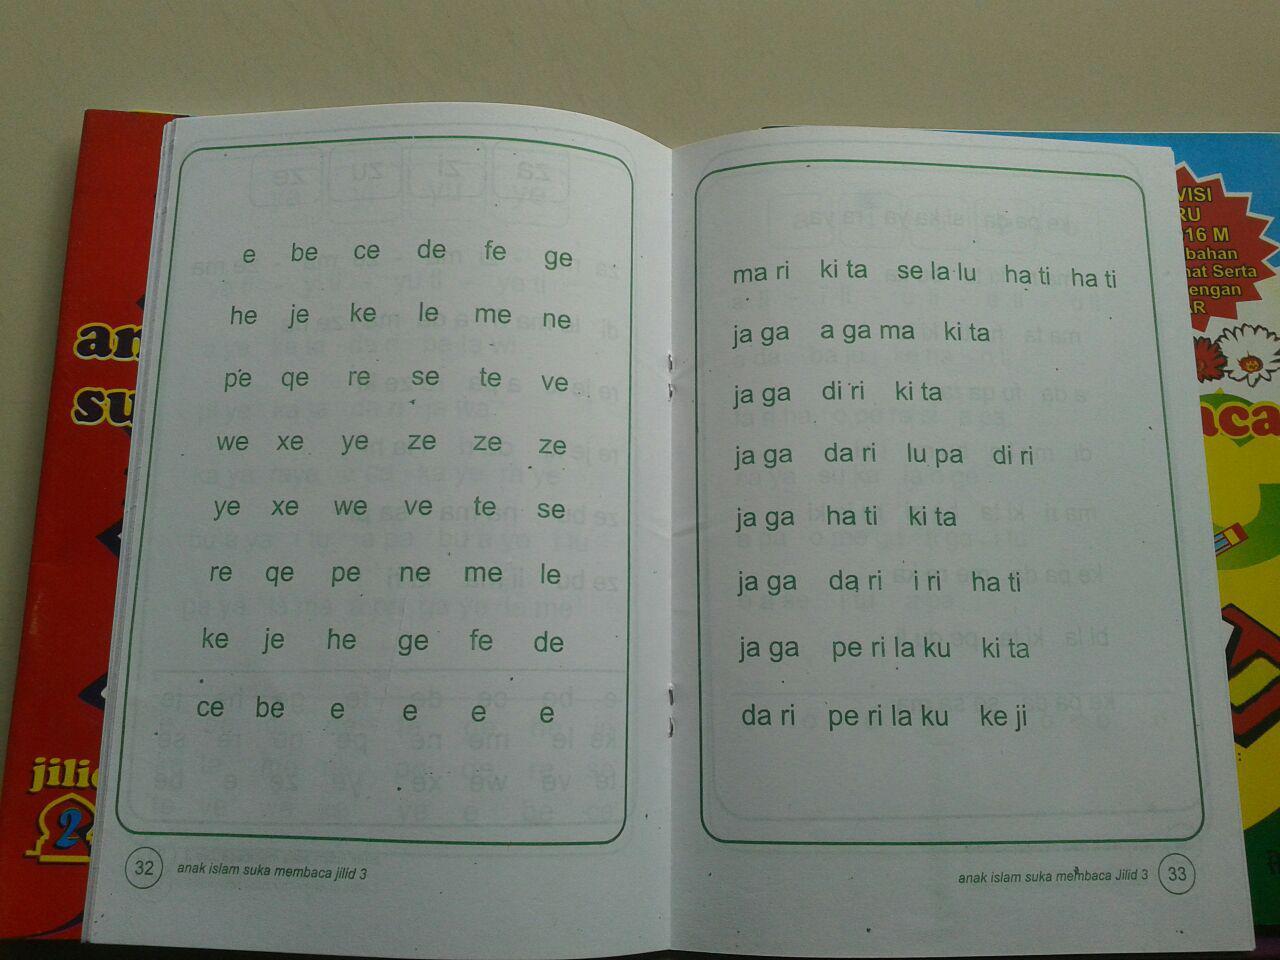 Buku Anak Islam Suka Membaca Set 5 Jilid isi 2